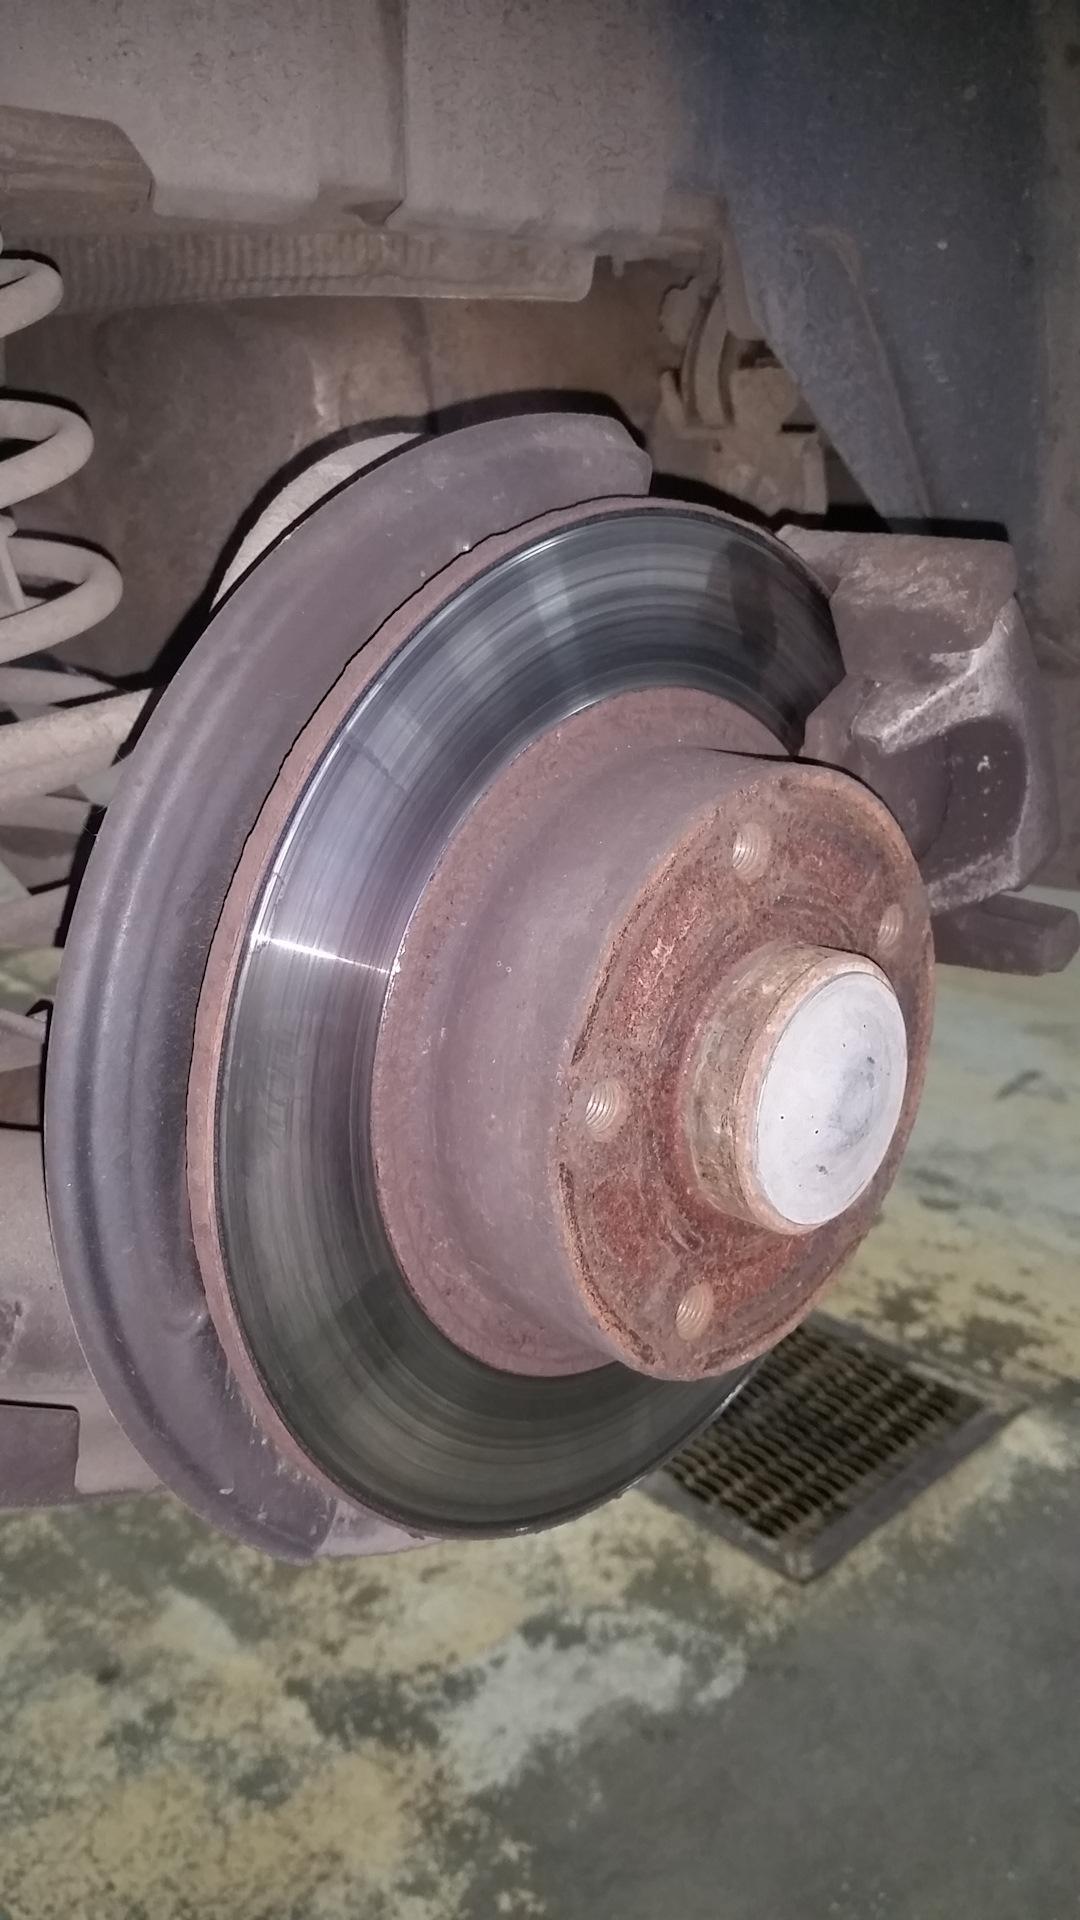 renault megane 2 изношенный тормозной диск фото